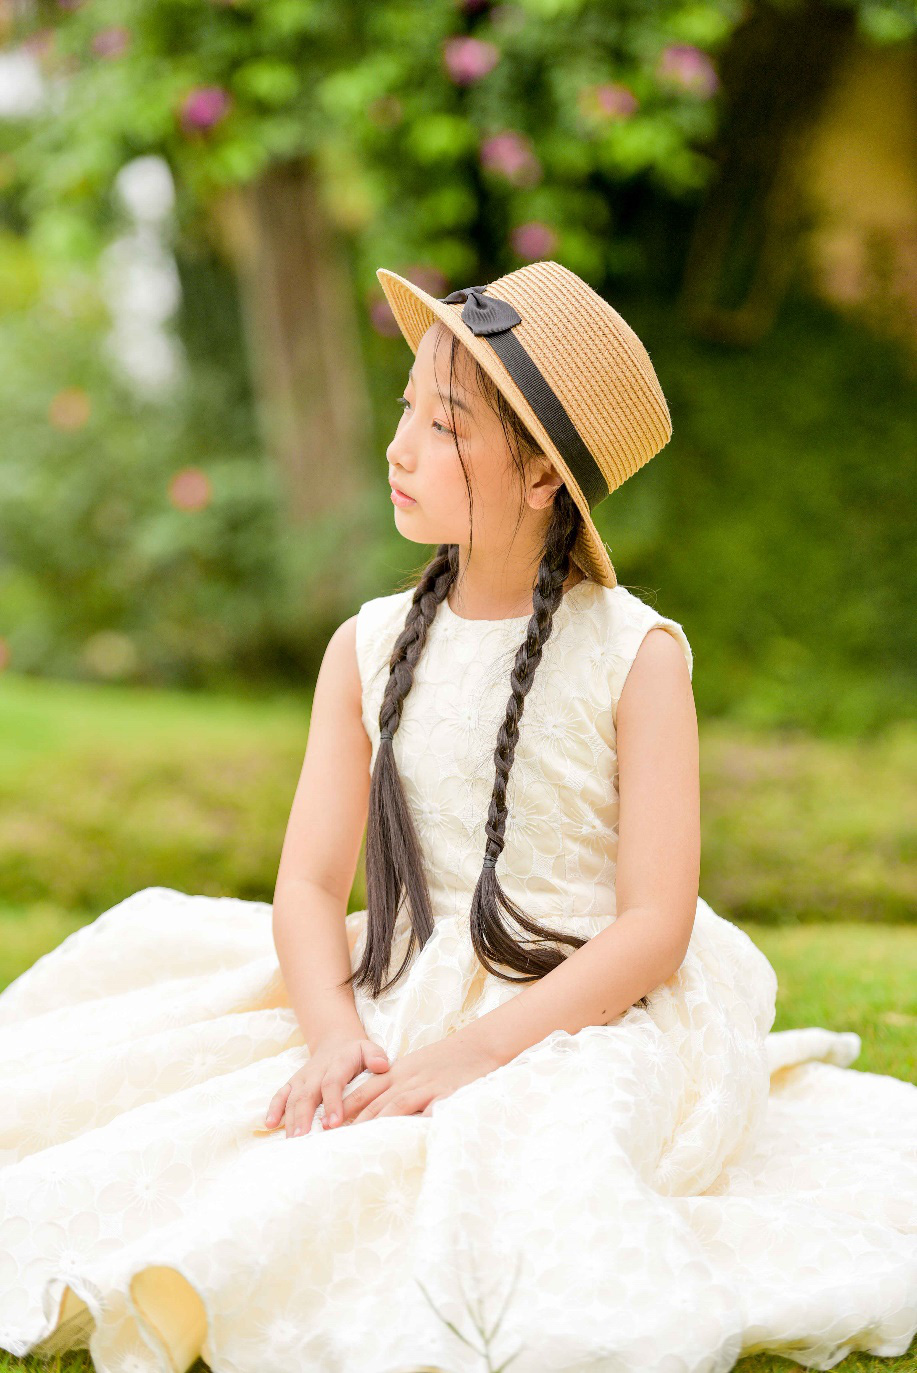 """""""Công chúa băng giá"""" của làng thời trang Việt đốn tim với vẻ đẹp siêu ngọt ngào - Ảnh 3."""